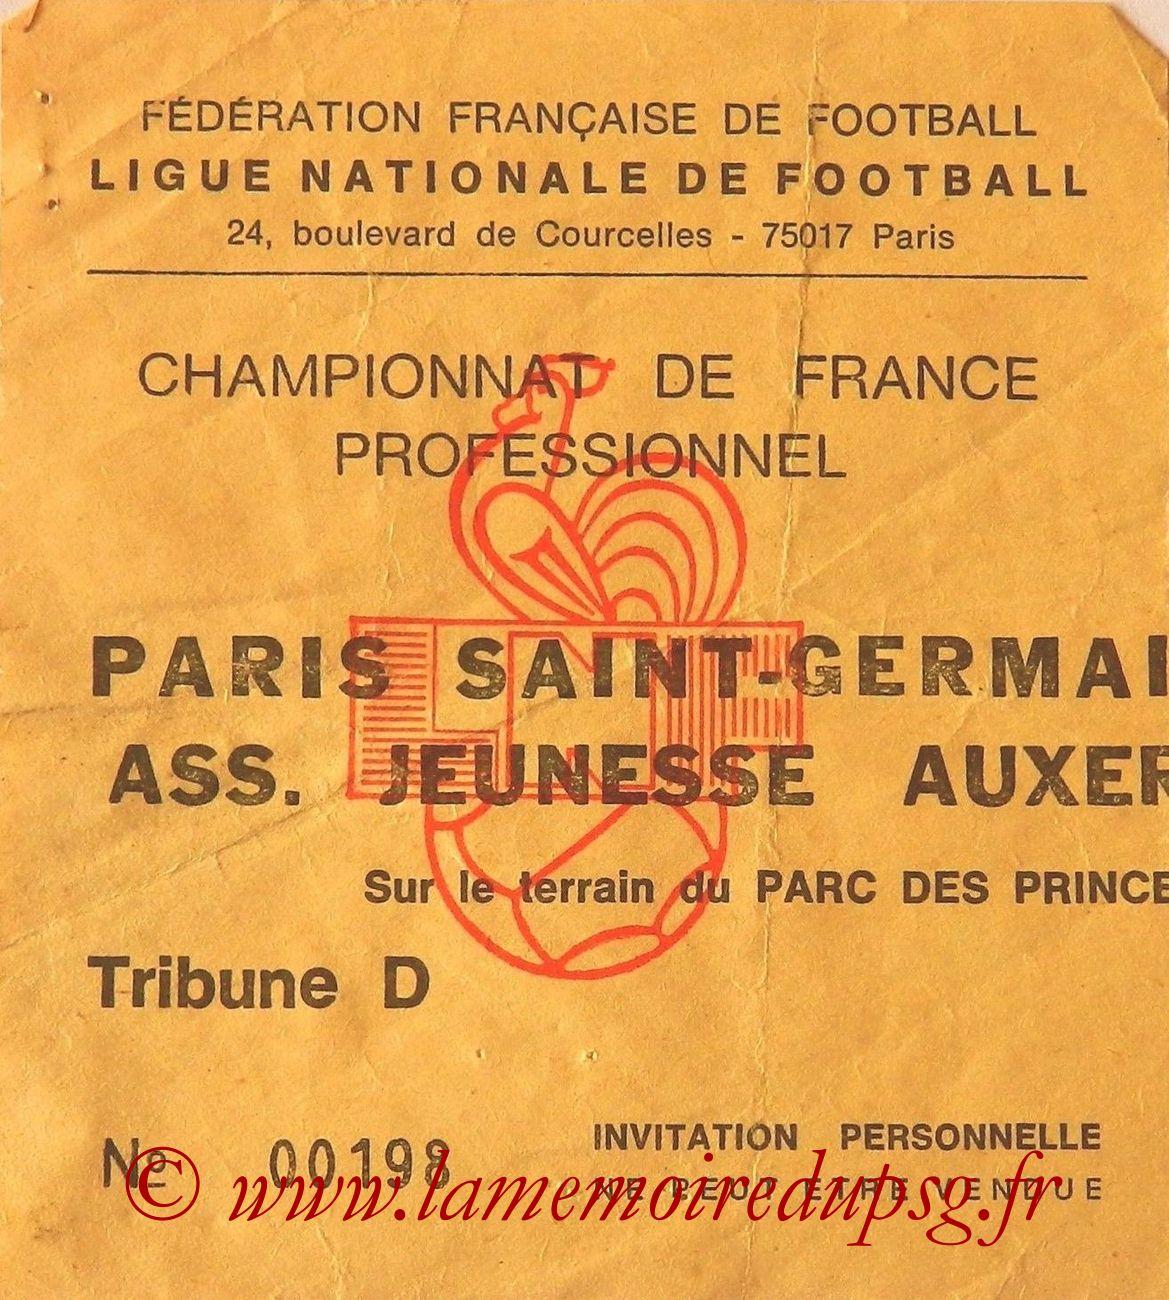 1984-09-28  PSG-Auxerre (10ème D1, Invitation)